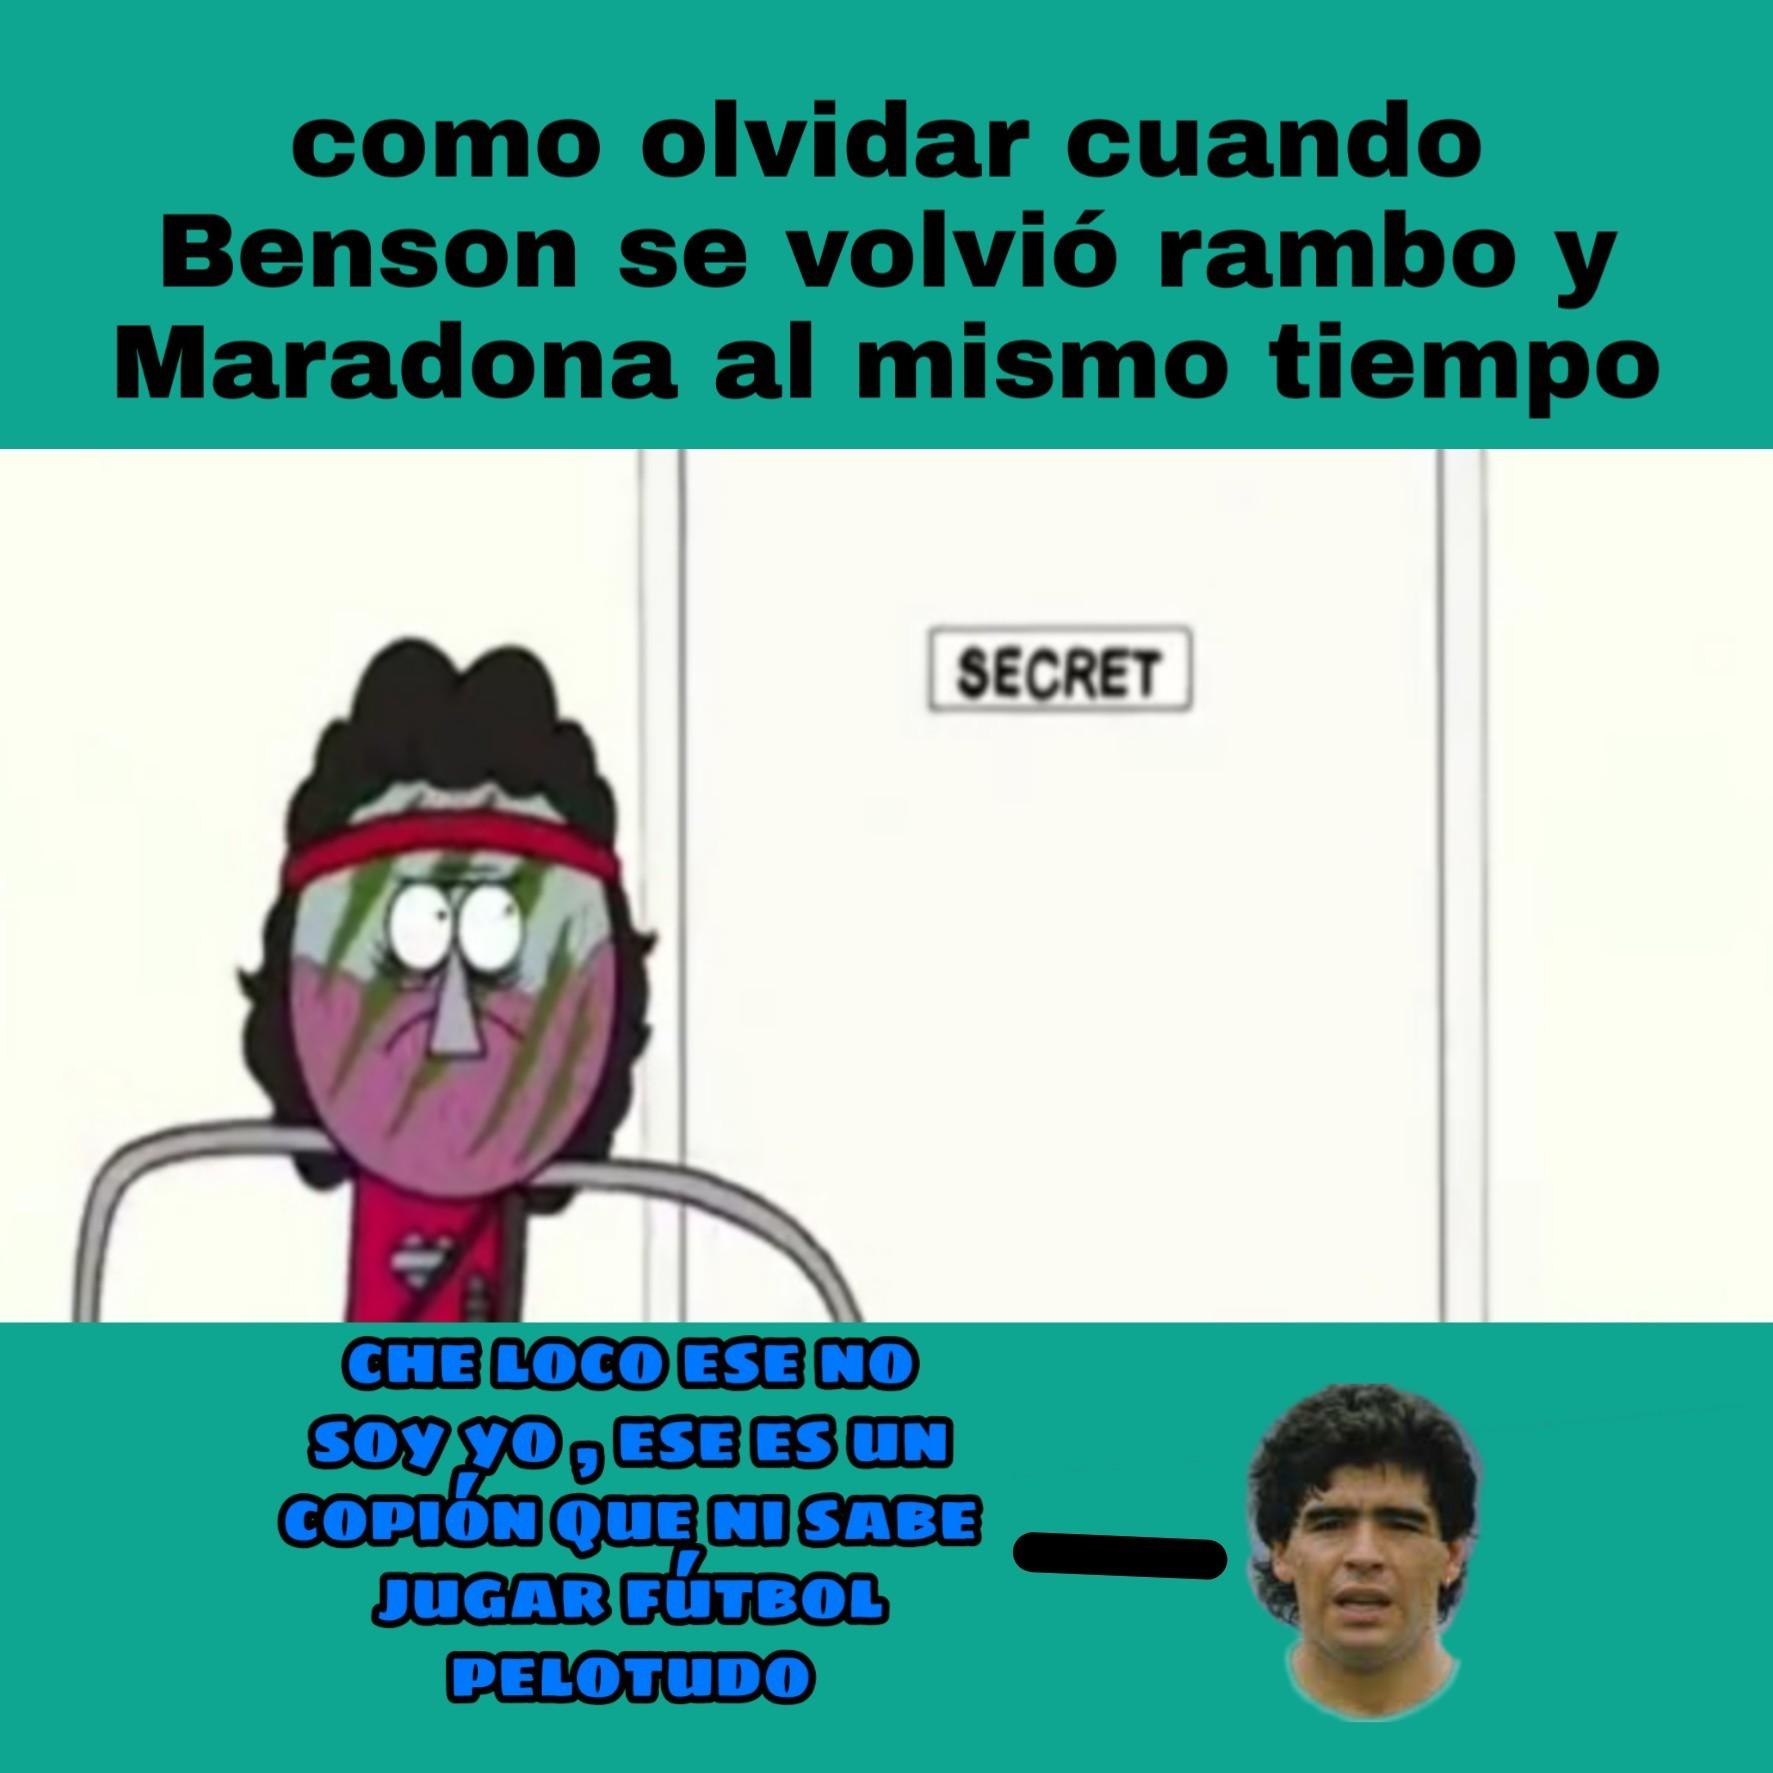 Vamo Maradona - meme